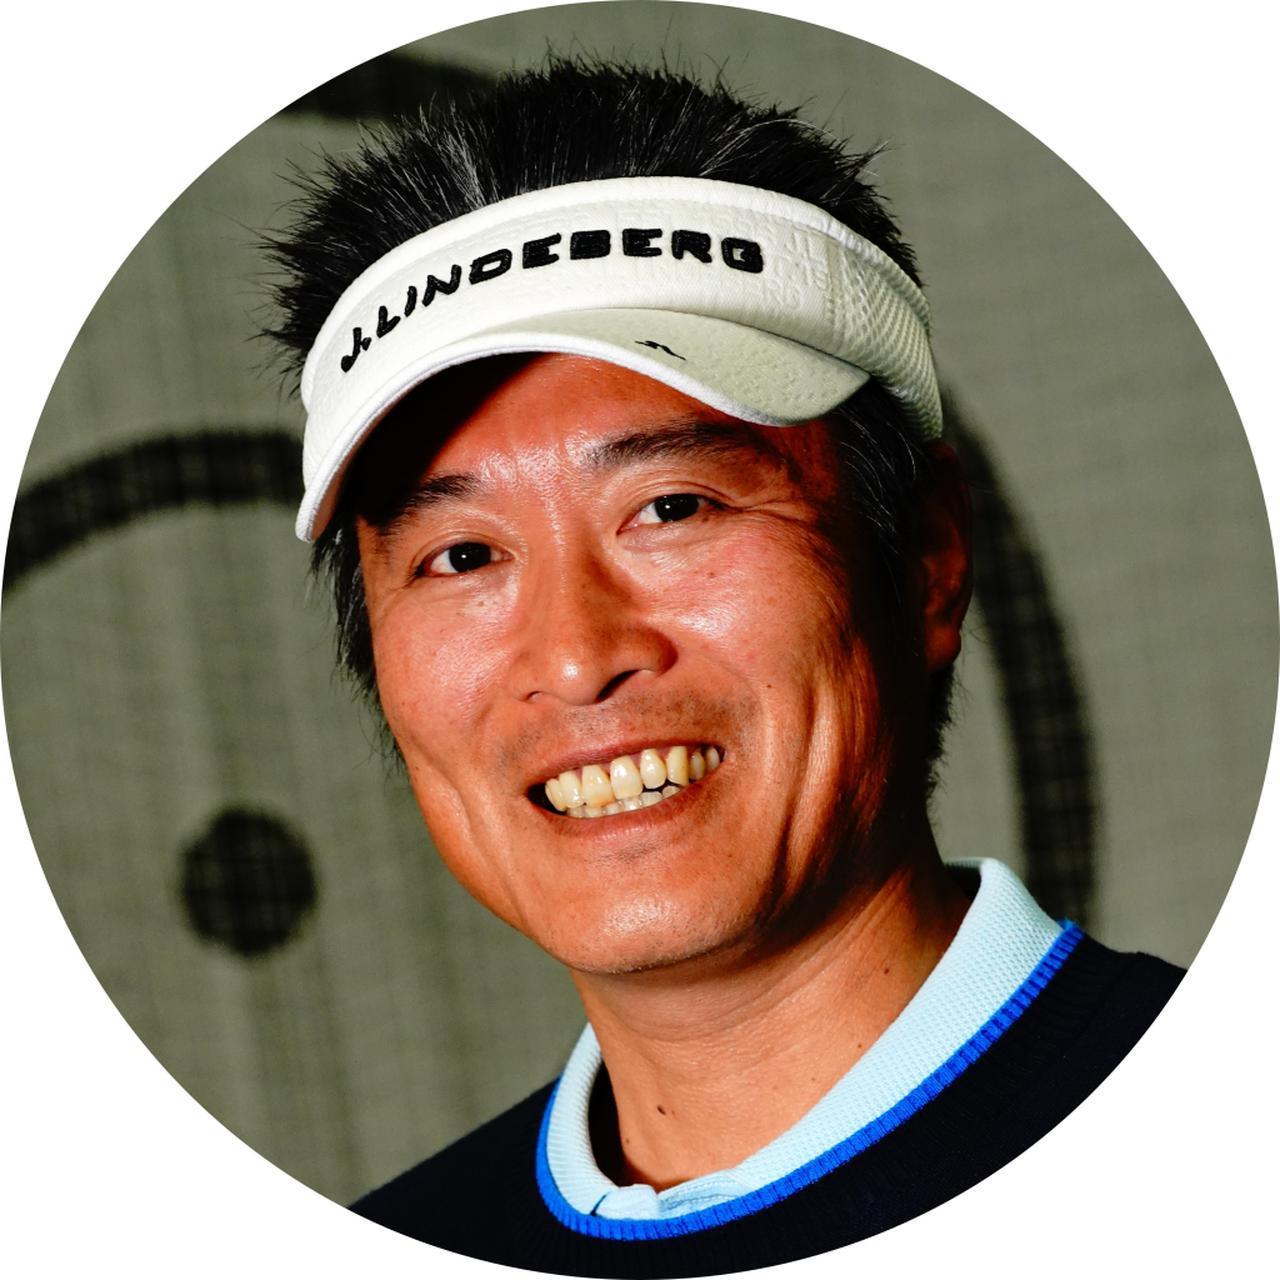 画像: 【解説】香西成都プロ 元ナイキスタッフプレーヤー。ゴルフパートナーでのスタッフ経験もありクラブへの造詣も深い。